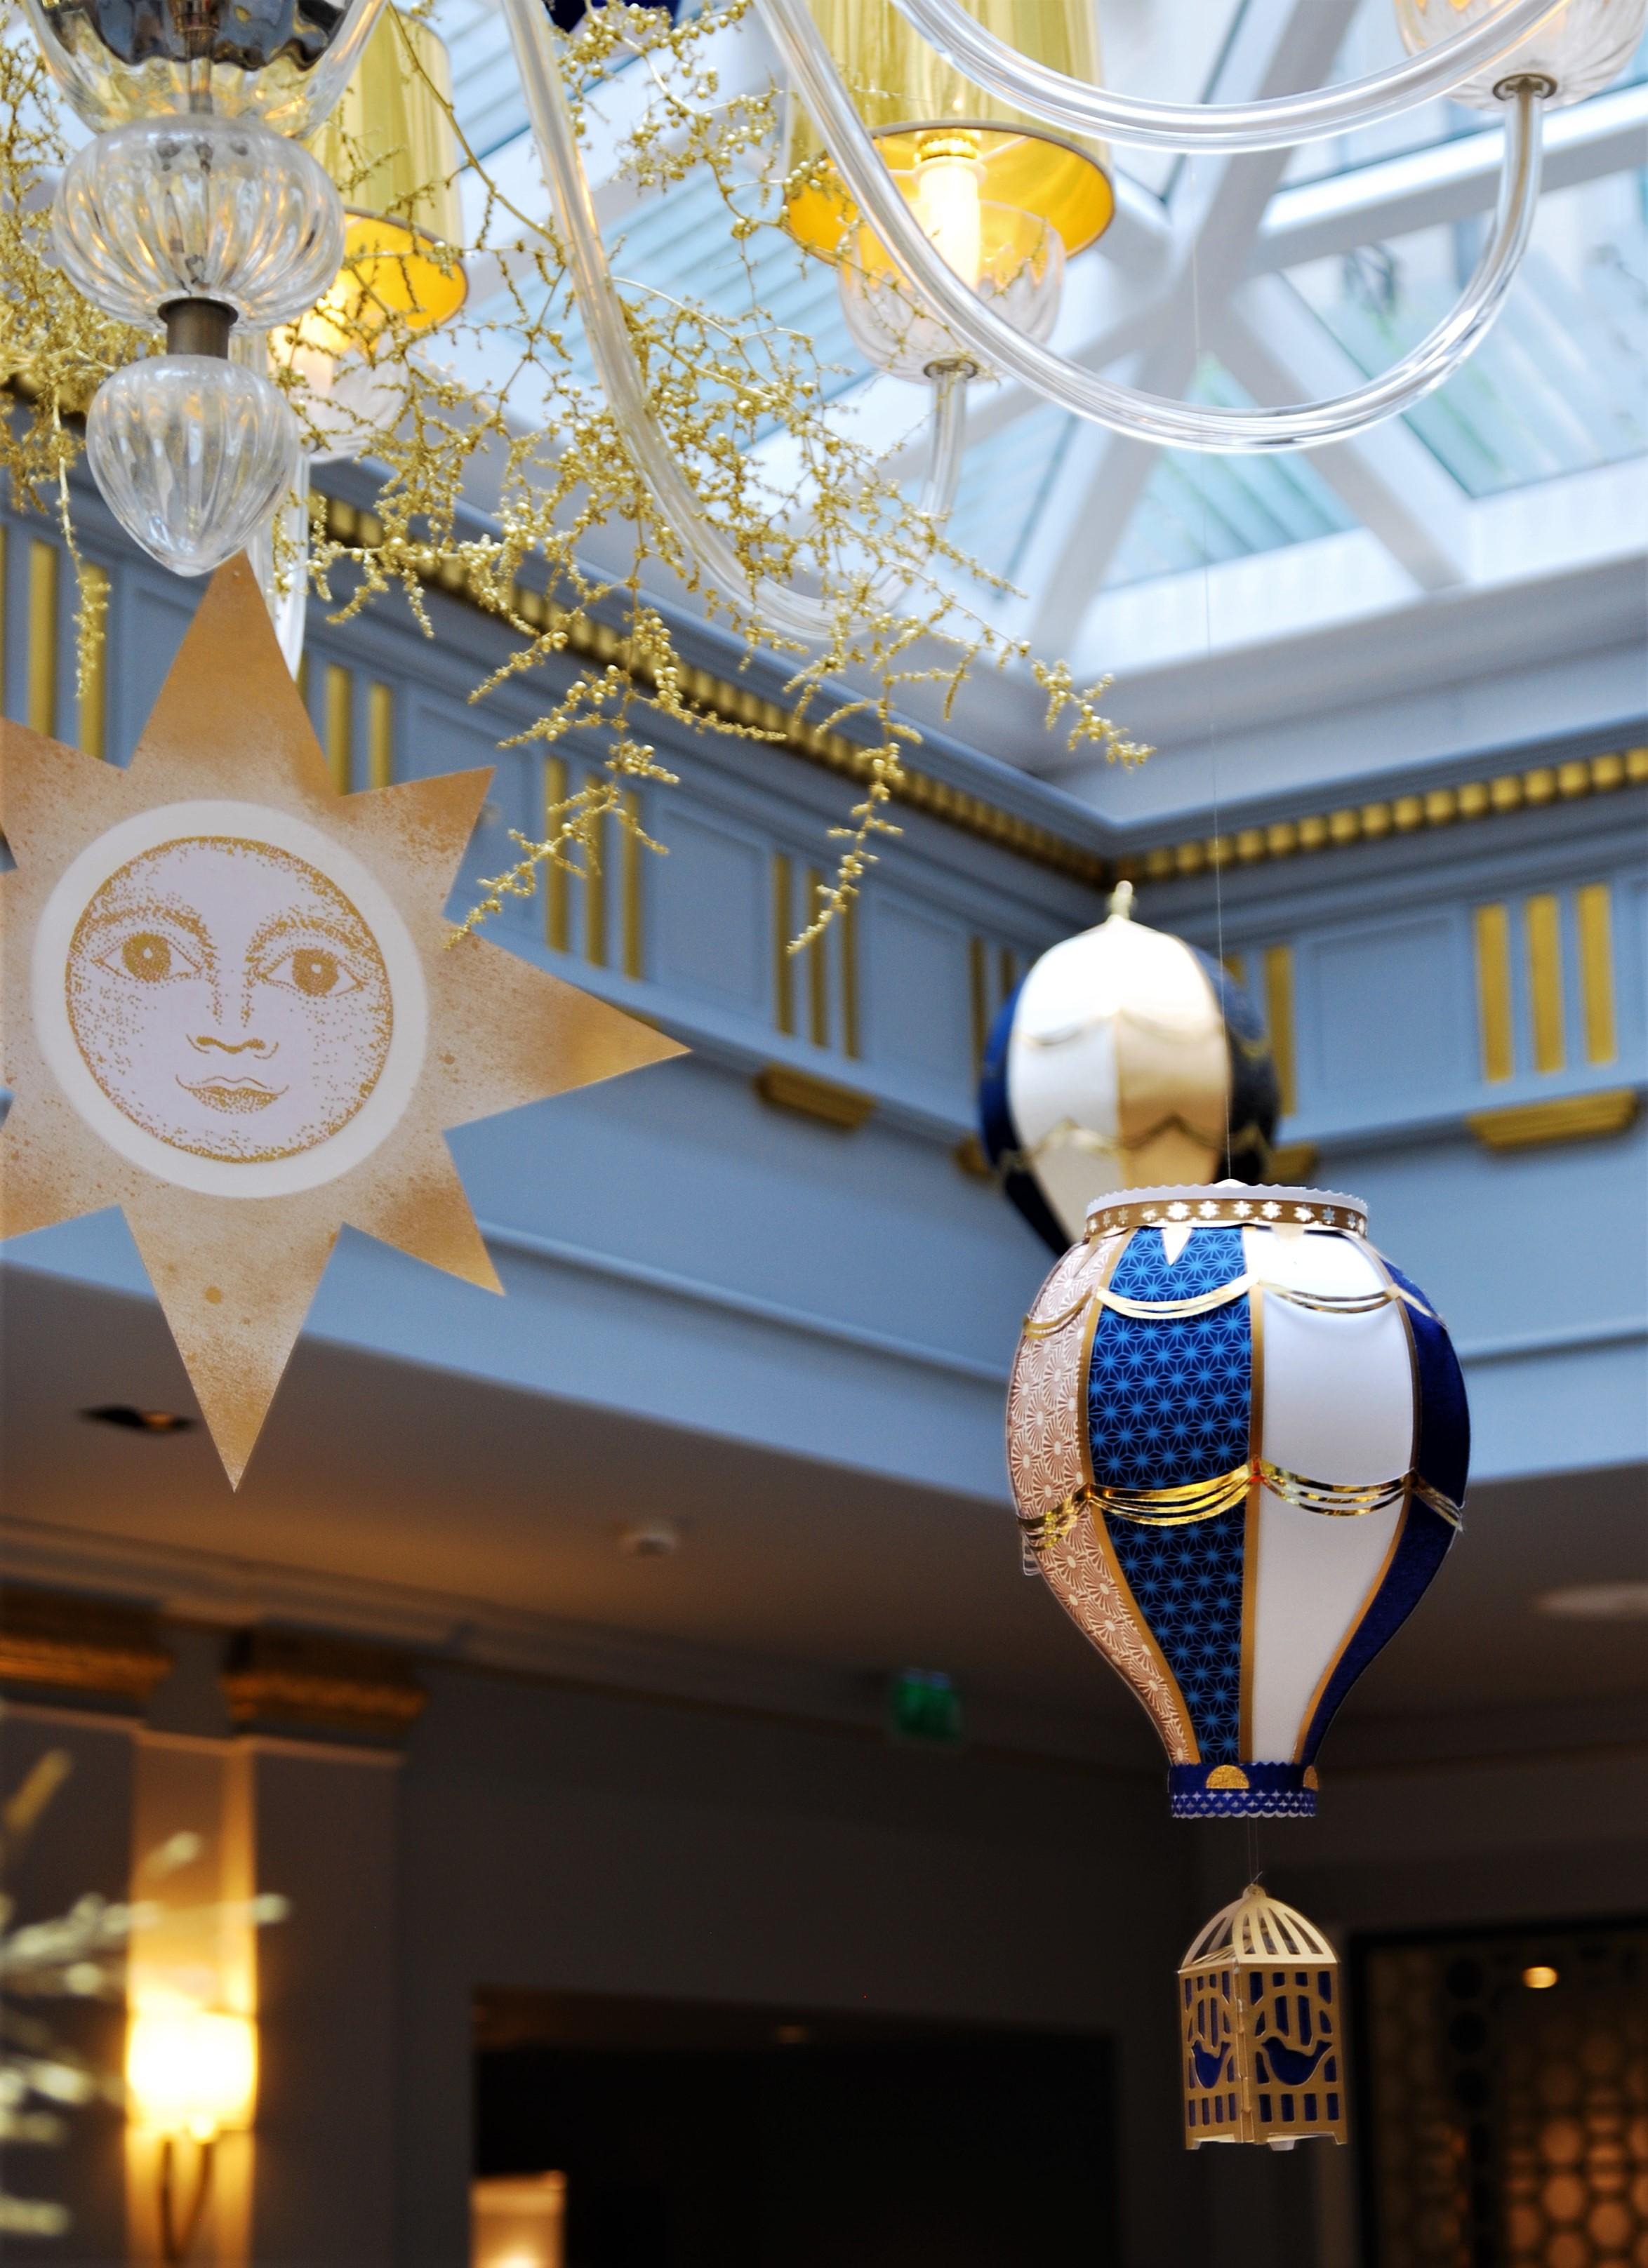 installation-aerienne-montgolfiere-paper-art-creation-pour-hotel-sofitel-paris-le-faubourg-noel-2018-Laure-Devenelle